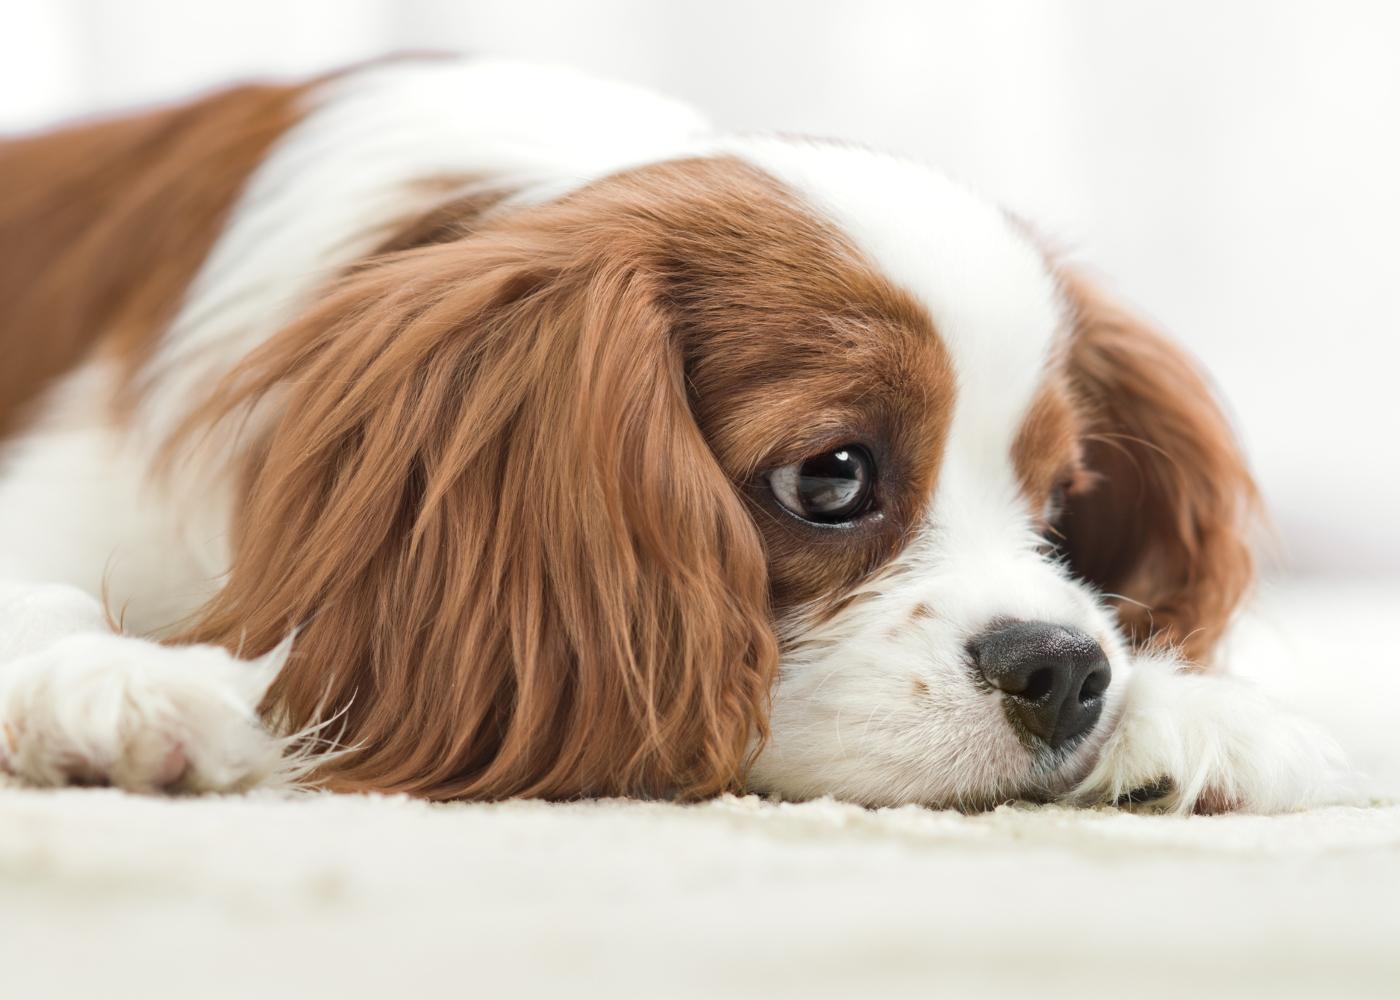 cão deitado com dor ou mal estar